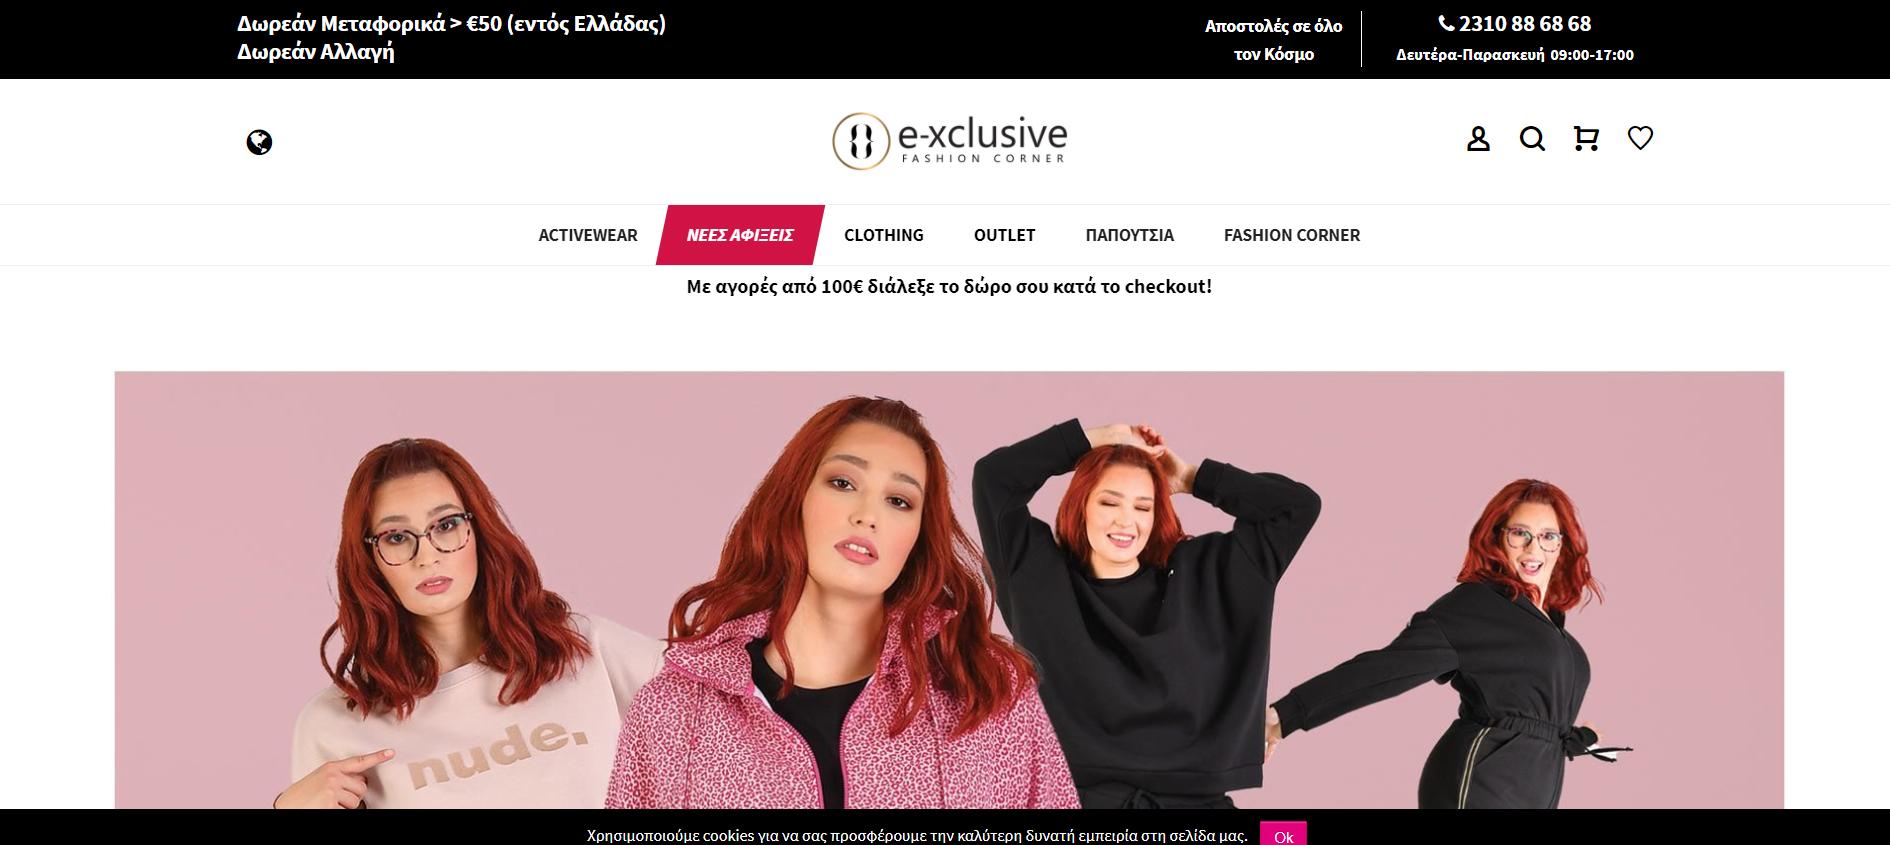 Γυναικεία ρούχα E-xclusive